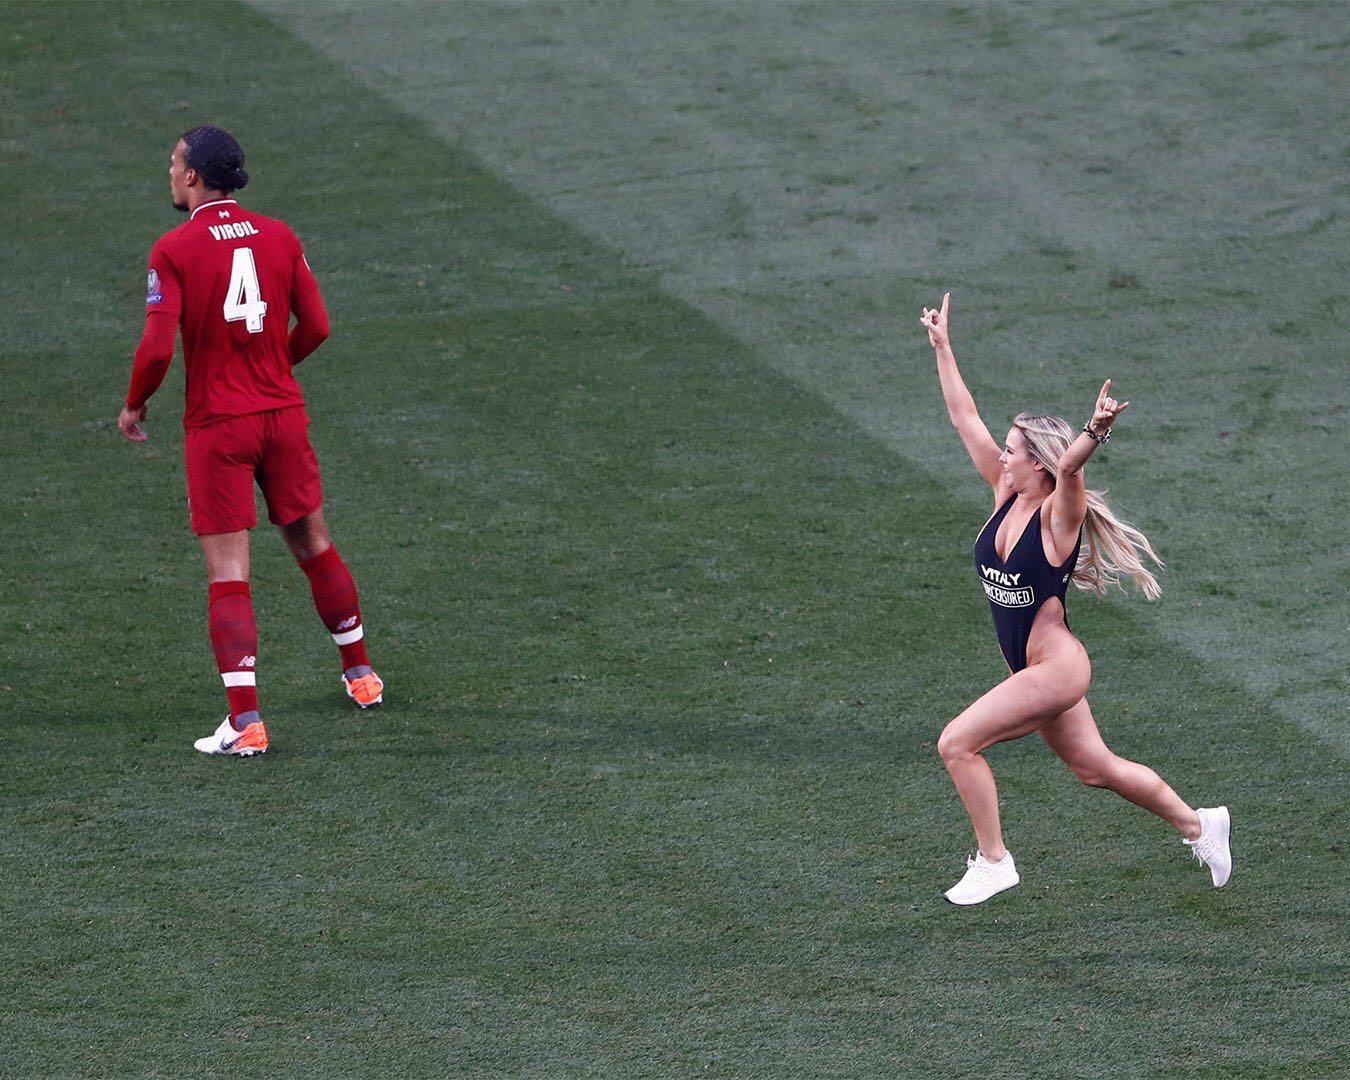 """欧冠决赛,高叉泳装女球迷闯入球场,大家看了一场假""""球"""" 趣事儿 第1张"""